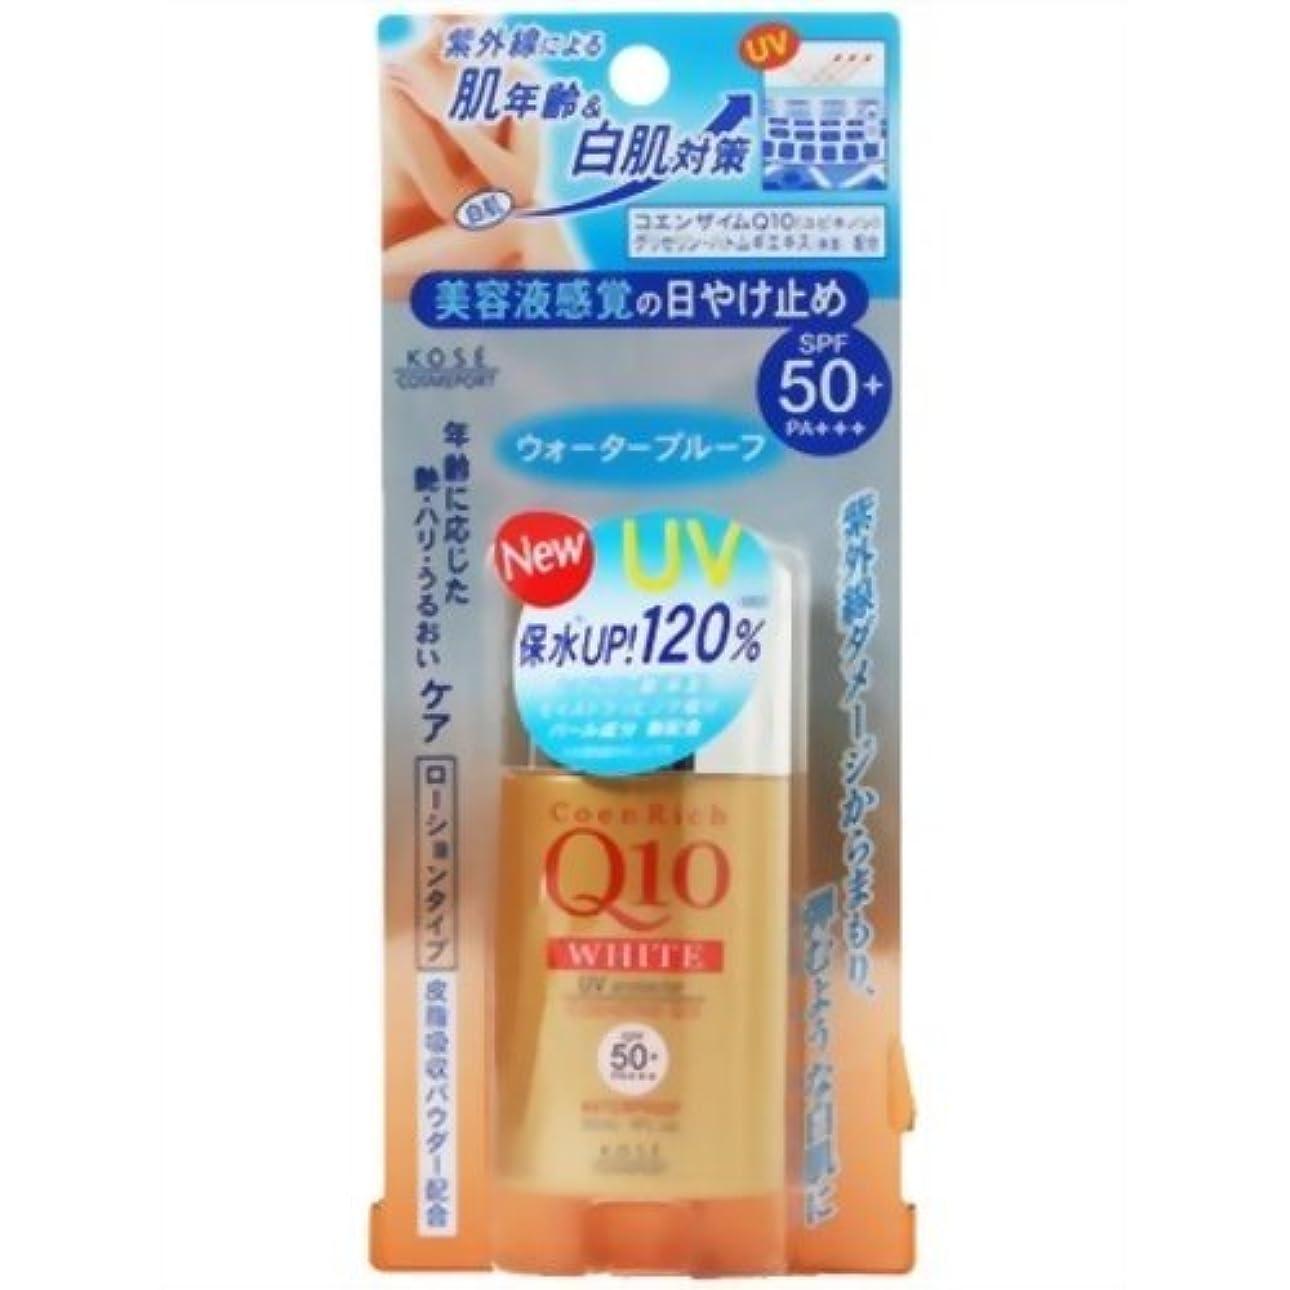 色合い発送生活コエンリッチ Q10ホワイトUVローション 30ml